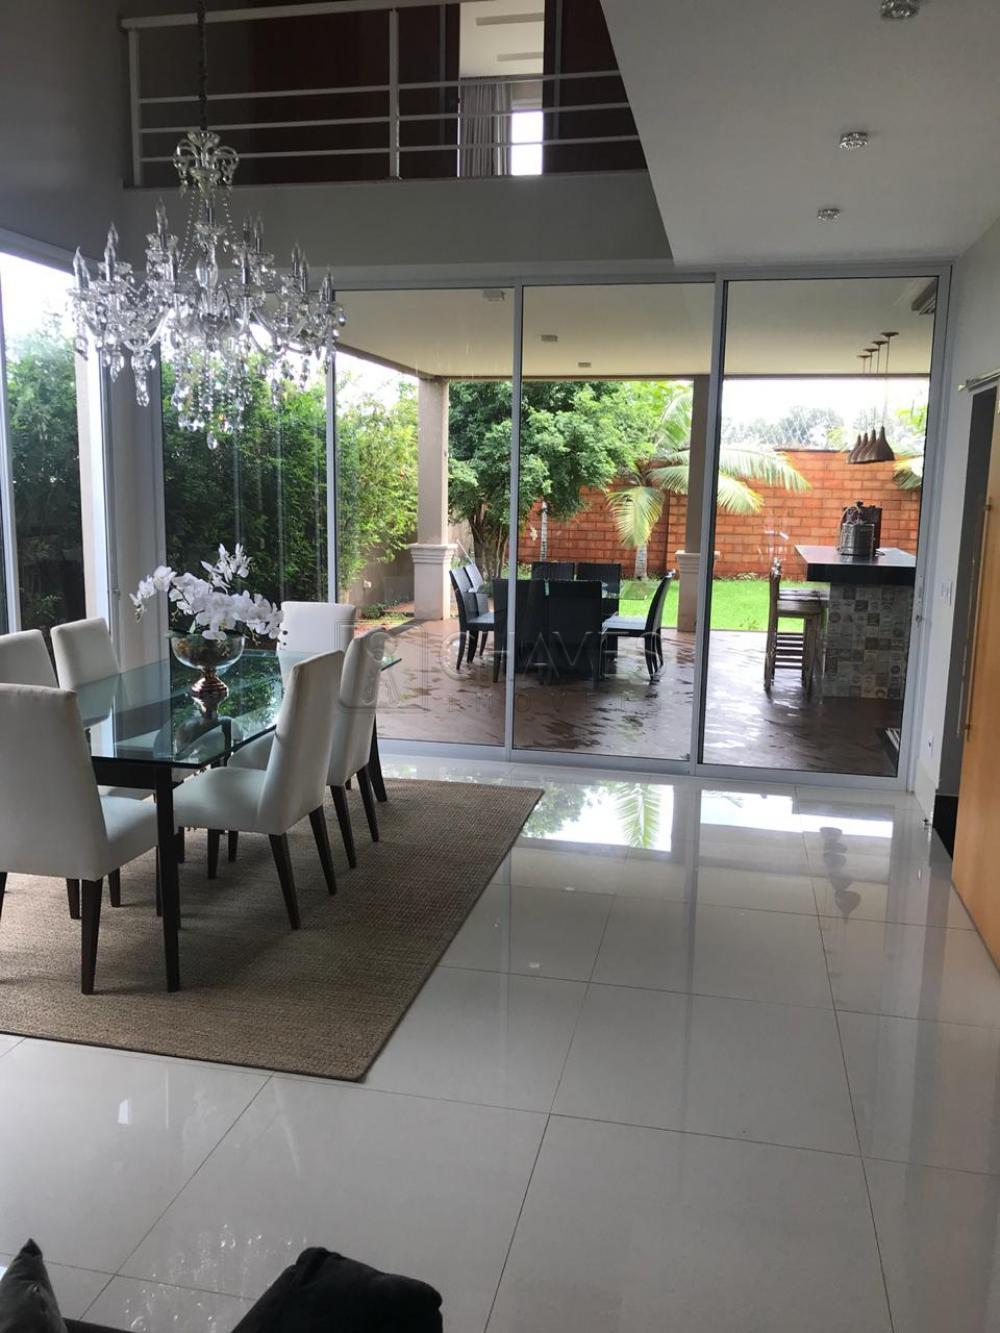 Comprar Casa / Condomínio em Ribeirao Preto apenas R$ 1.750.000,00 - Foto 26